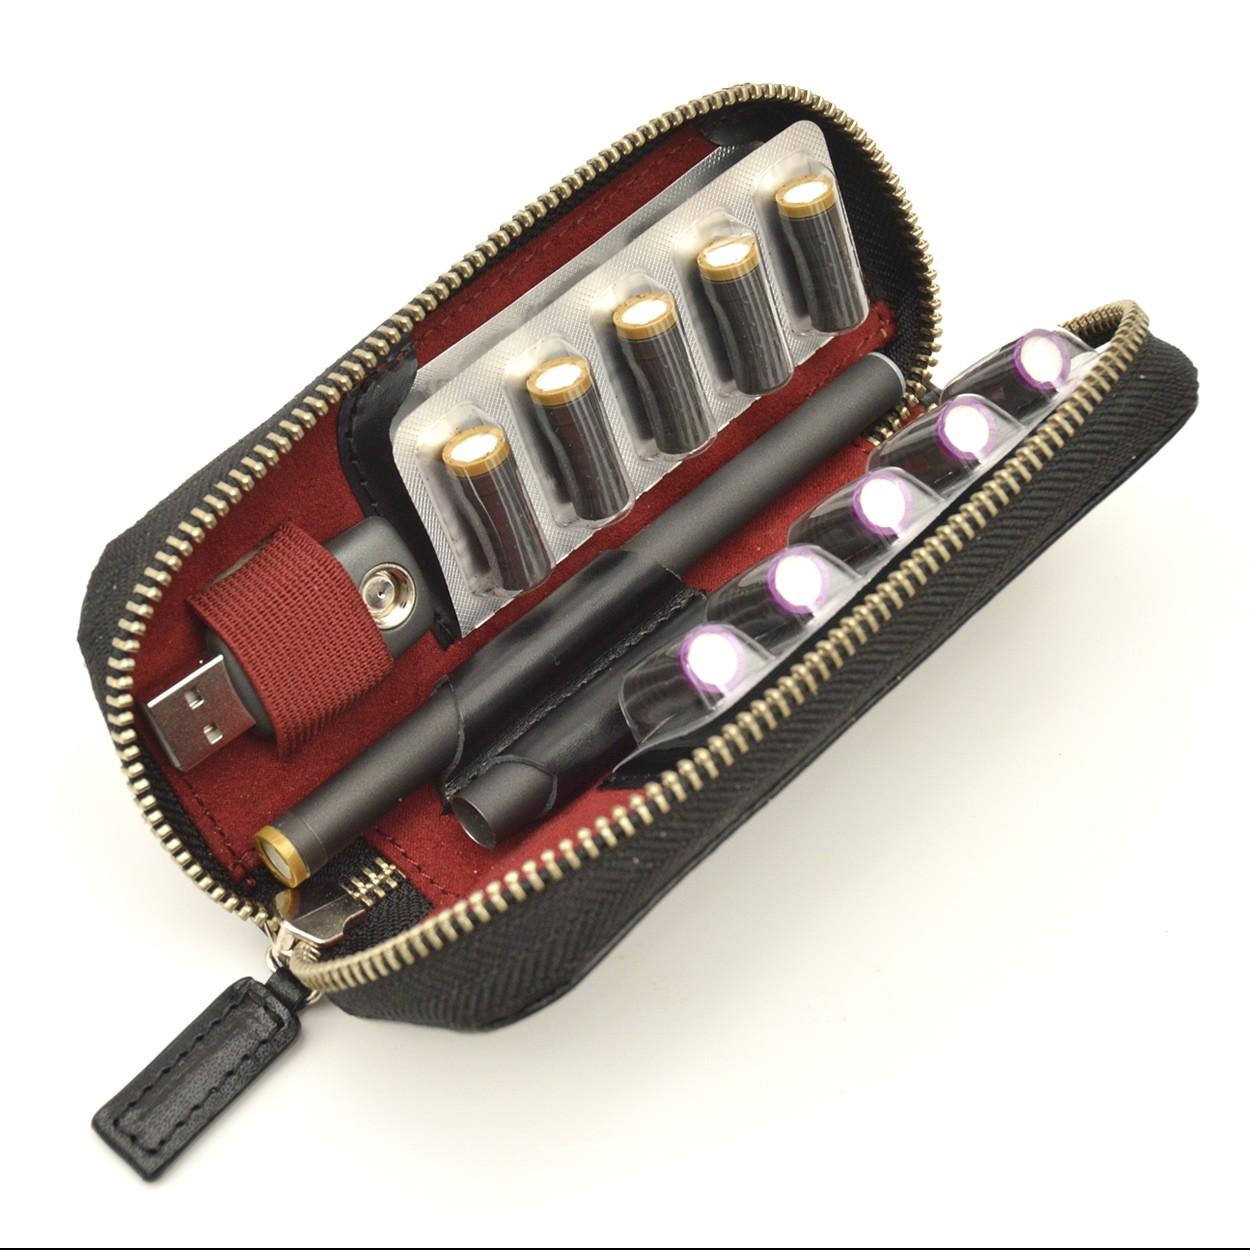 プルームテックケース [Ploom TECH] コンパクト ブライドルレザー おしゃれ 革 2セット収納 本革製 DUCT(ダクト) BL-820